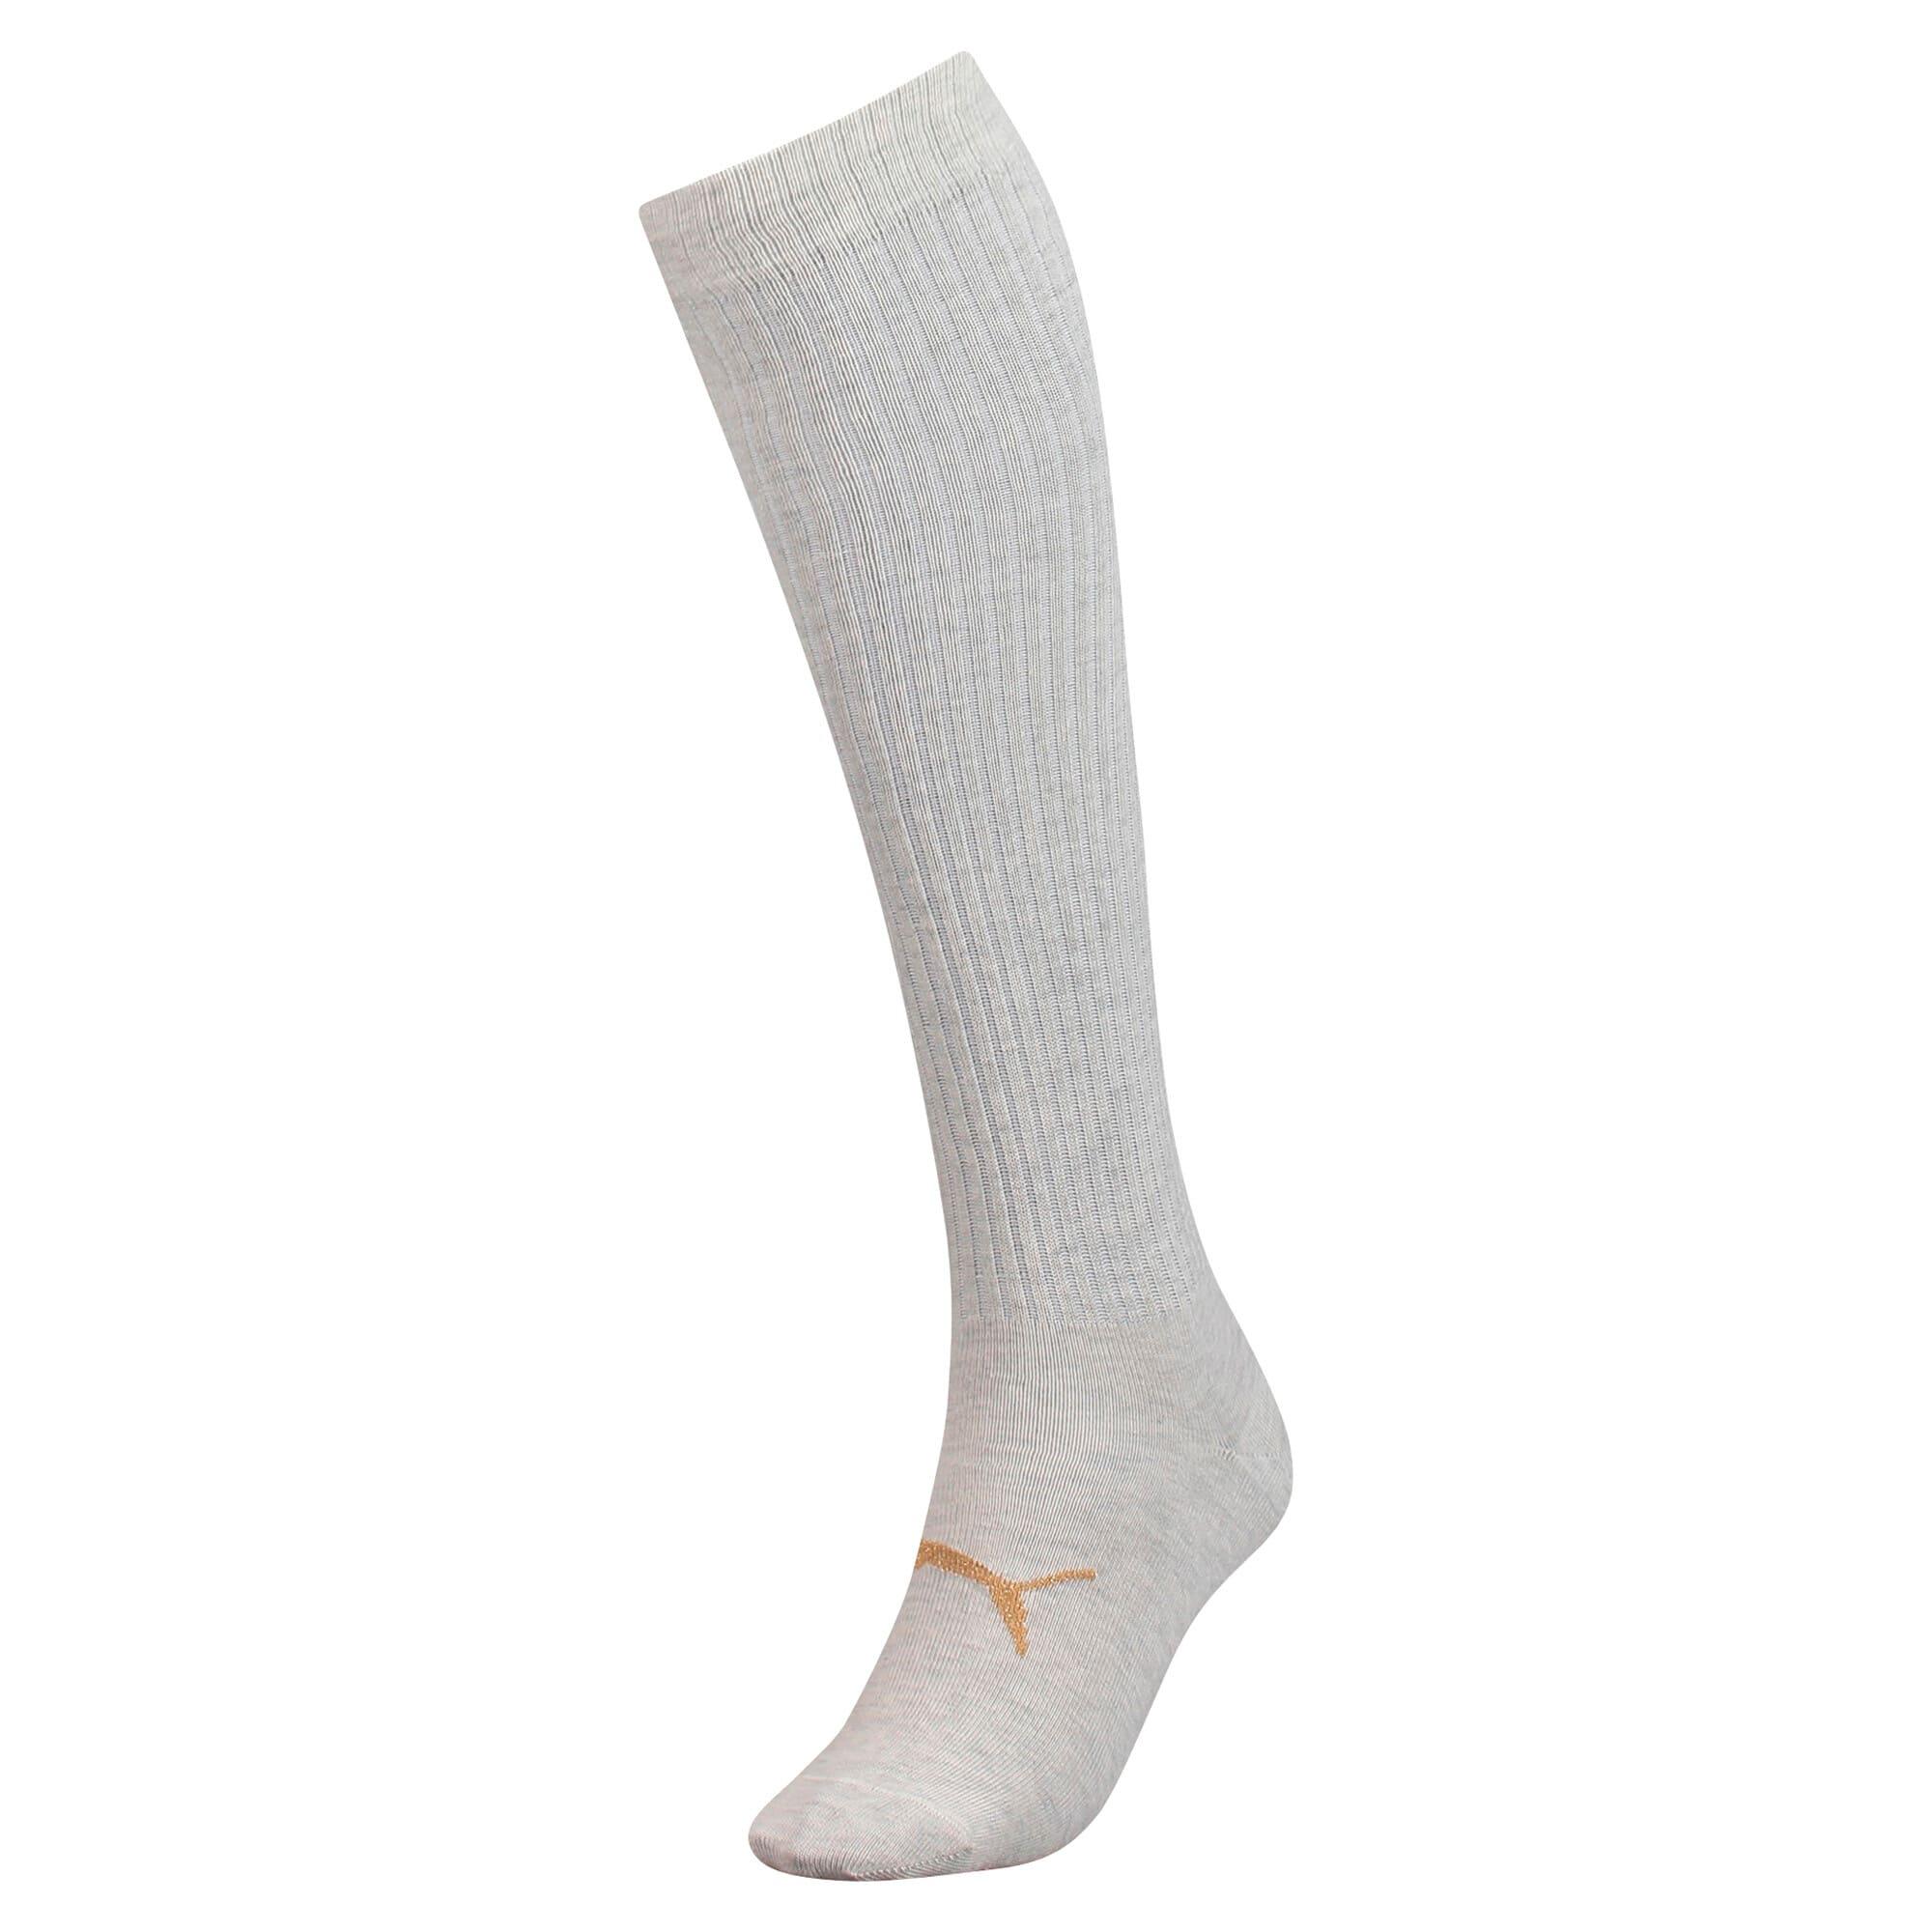 Thumbnail 1 of Lurex Women's Knee-High Socks, white melange / gold, medium